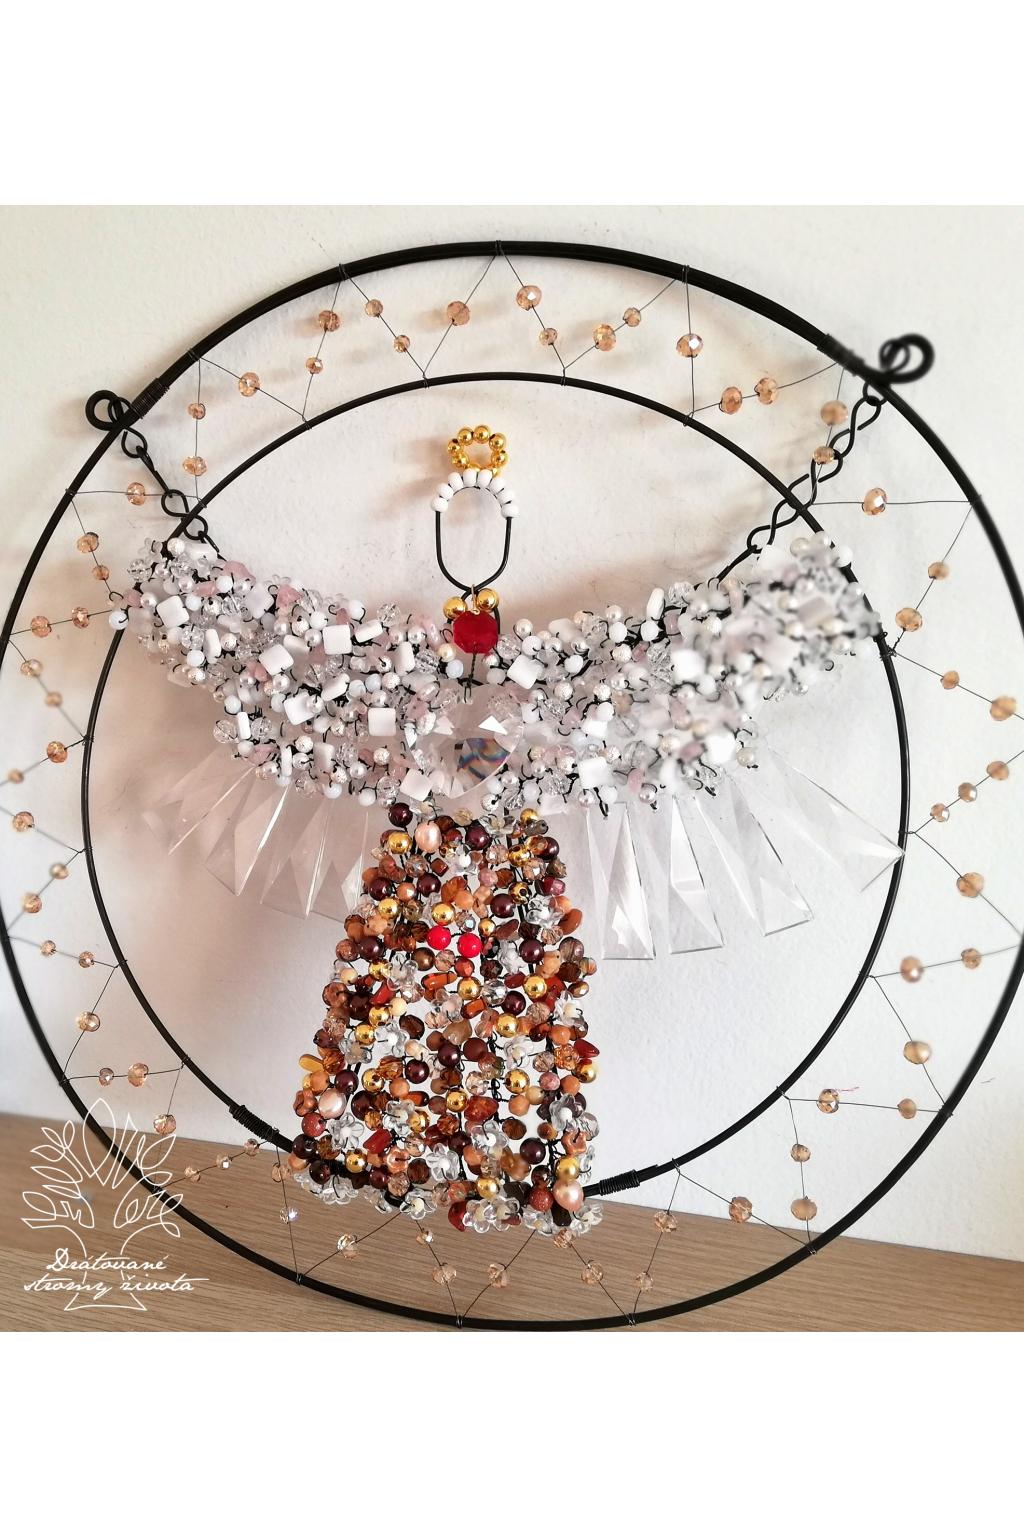 Drátovaný anděl - Hojnost bohatství a domov 35cm